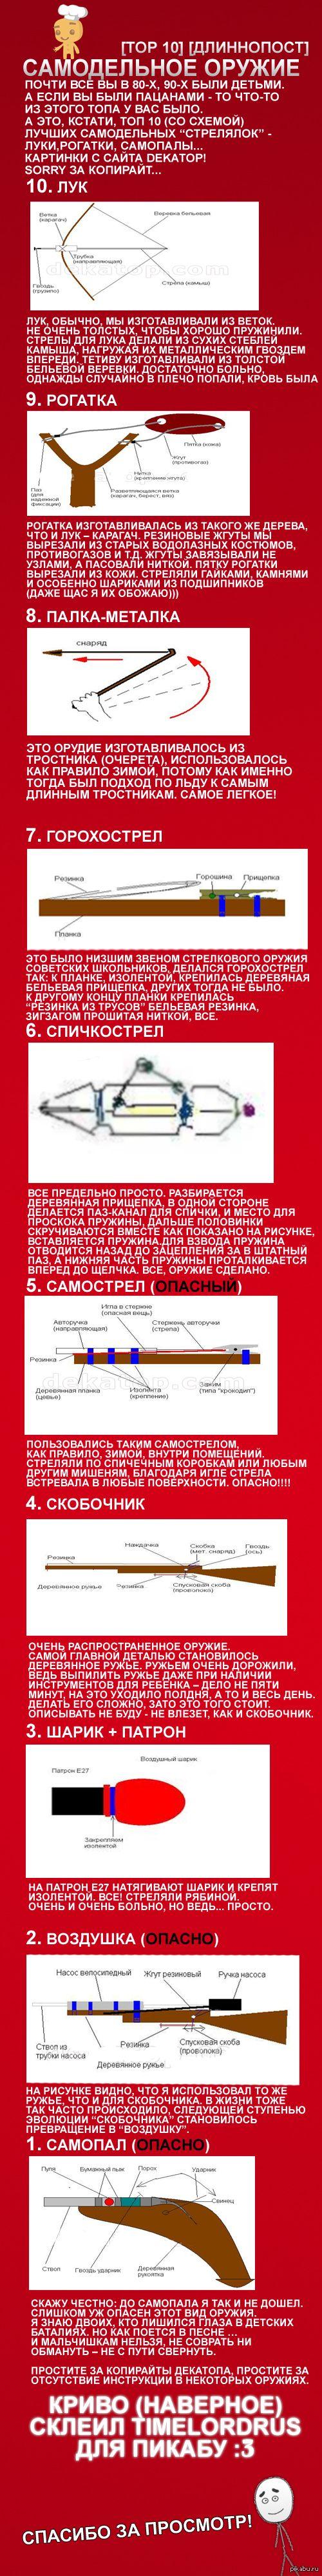 Топ 10 - самодельное оружие советских детей (+ схемы) (длиннопост!) Все мы были детьми и у многих в детстве были всякие самодельные оружия - луки, рогатки, стрелы. В этом длиннопосте есть схемы по их созданию! И инструкции...